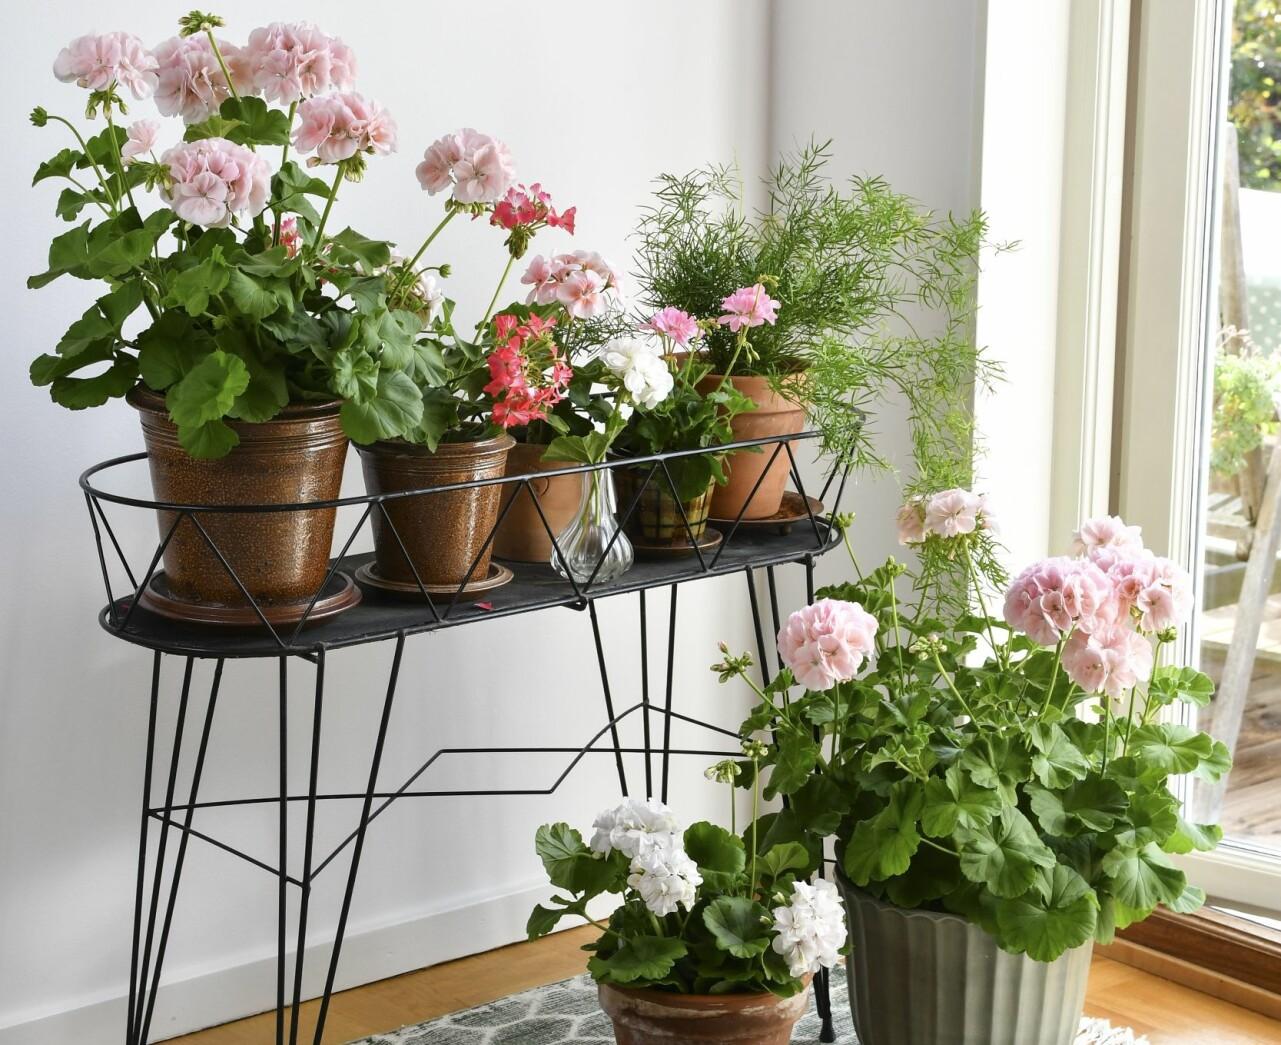 Omplanterade pelargoner i blomsterlåda.